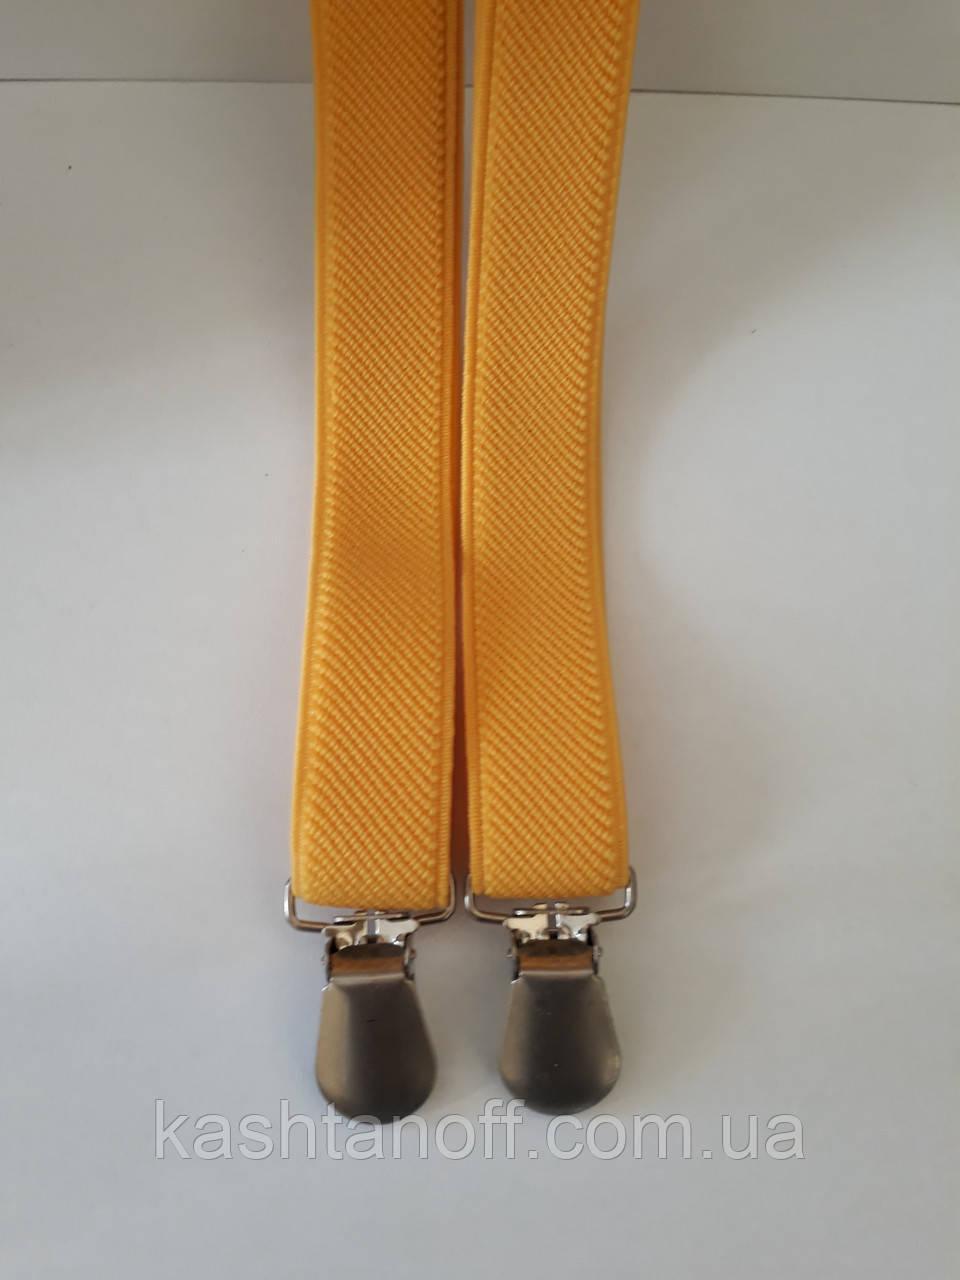 Мужские подтяжки желтого цвета узкие